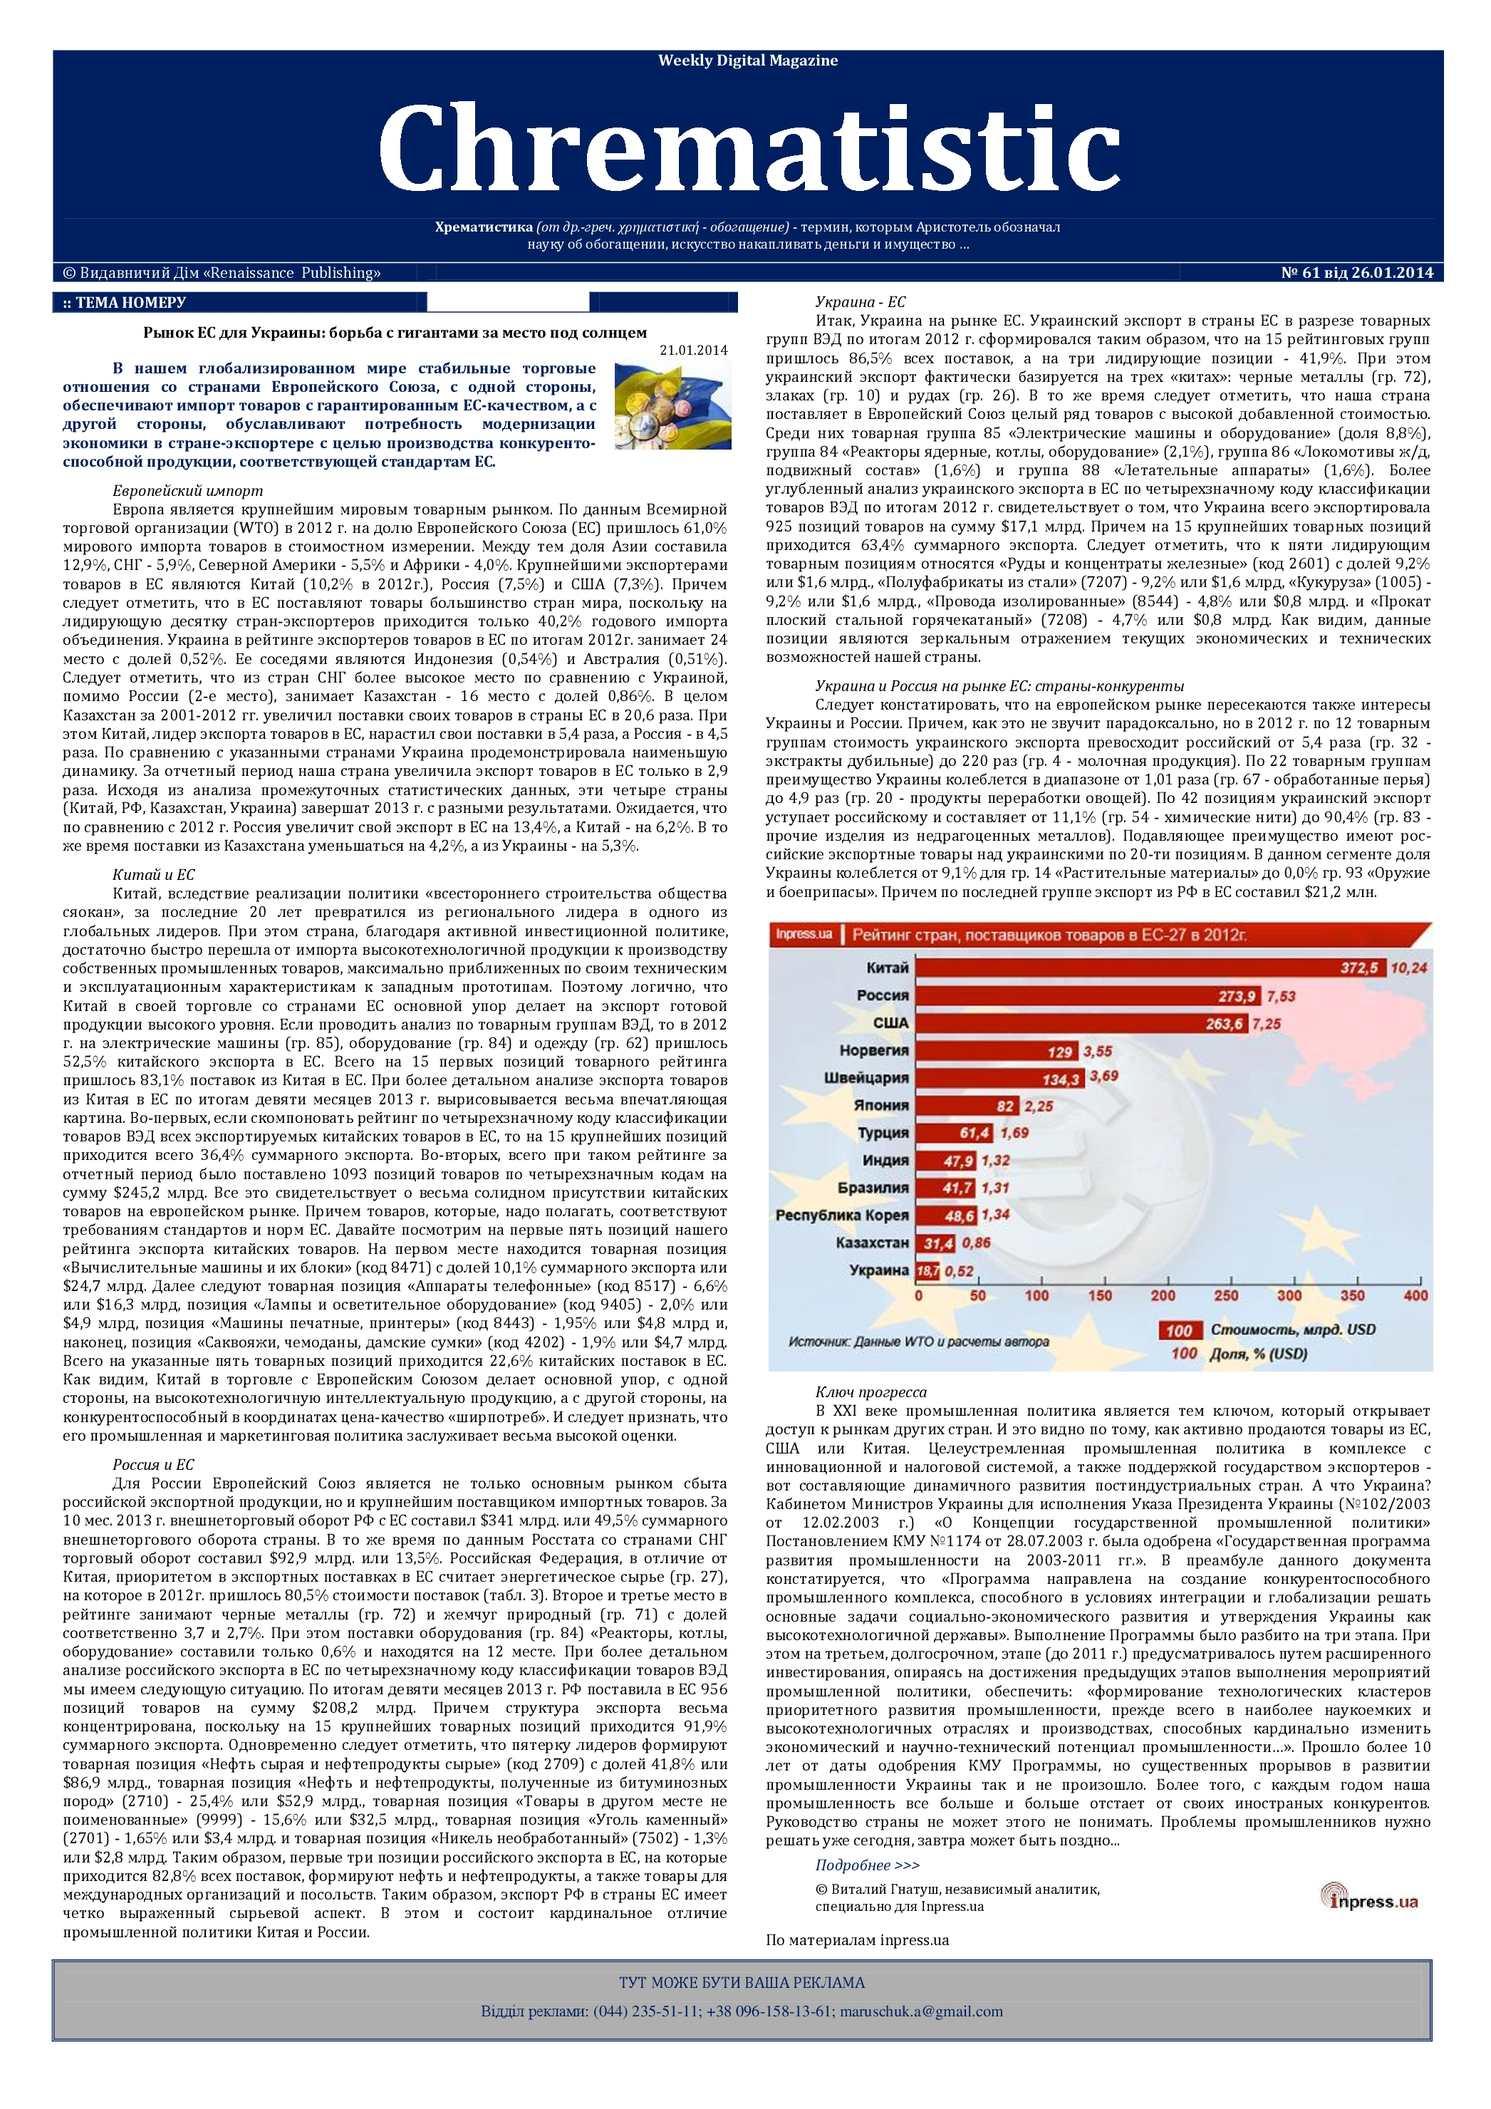 Calaméo - Деловой еженедельник «Chrematistic» №61 от 26.01.2014 09210307e085b